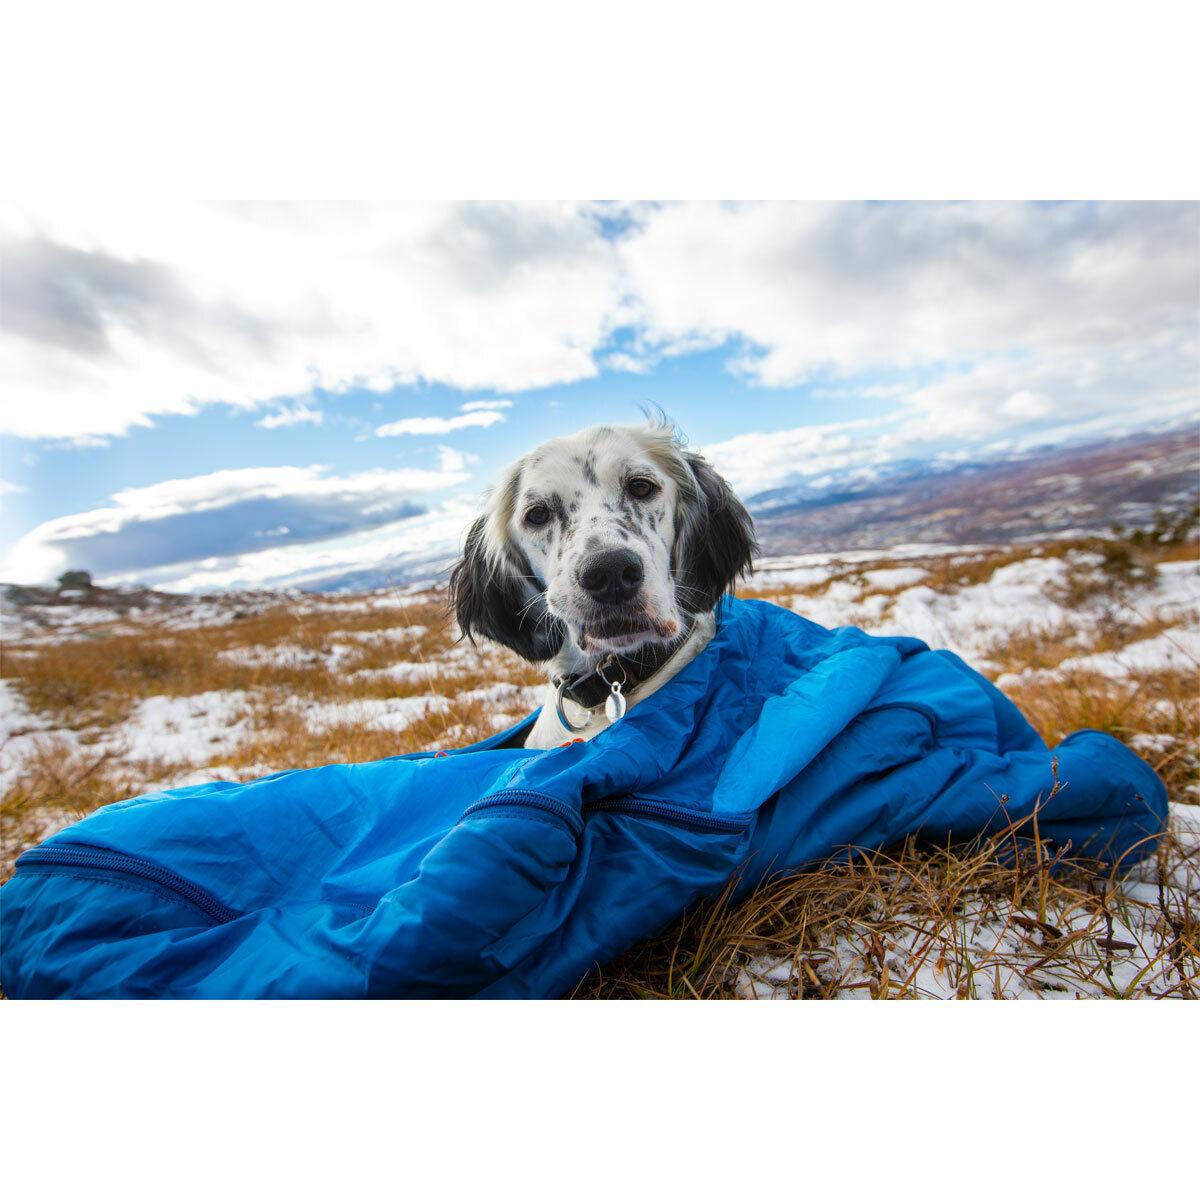 Non-stop dogwear LY Sleepingbag   182   Outdoor Sacco A Pelo Cani